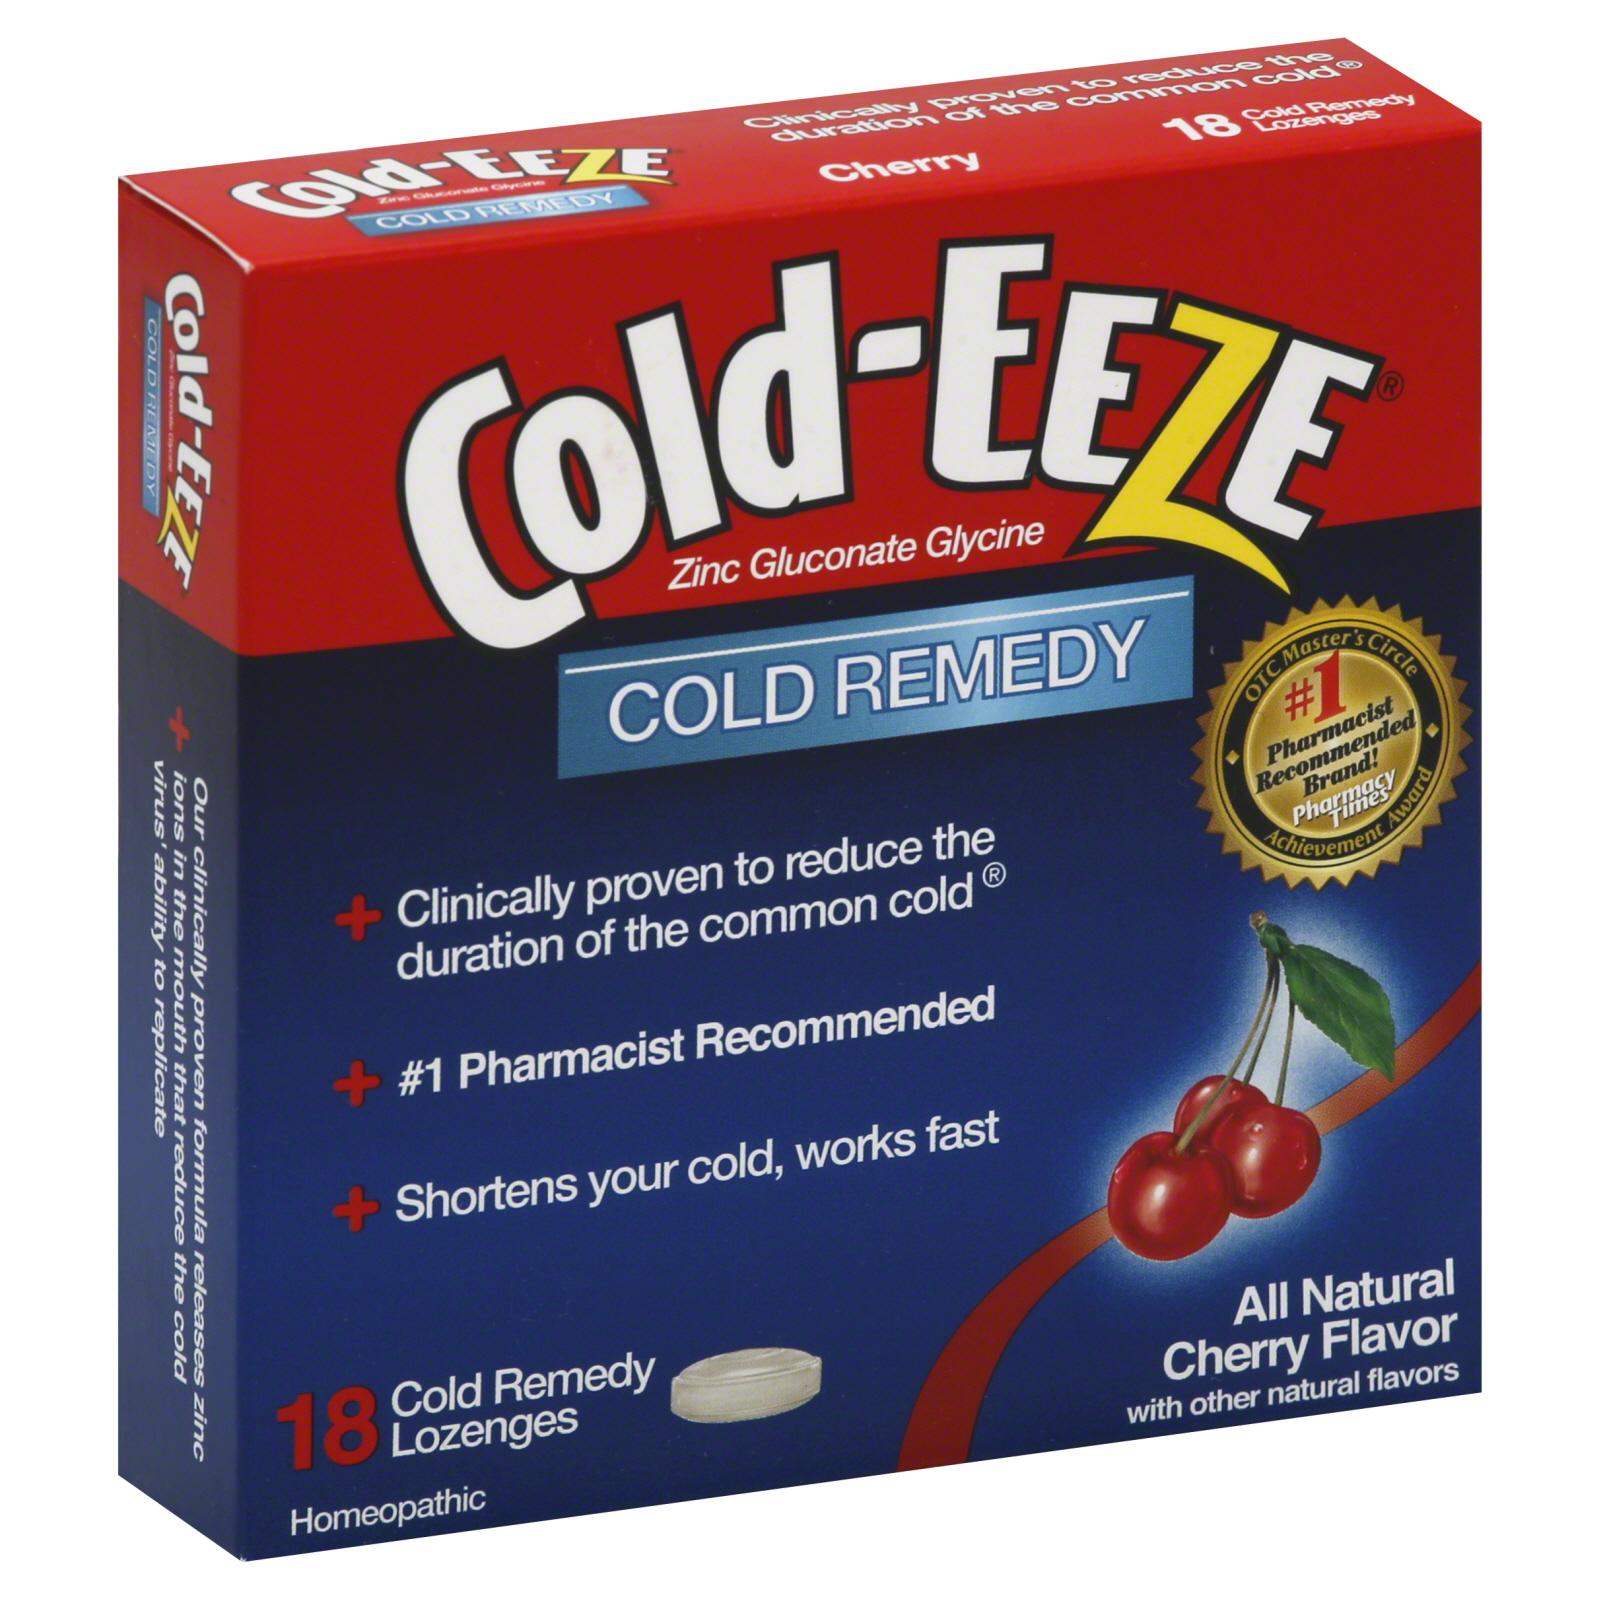 Cold-Eeze Cough Medicine Cough Suppressant Lozenges ...